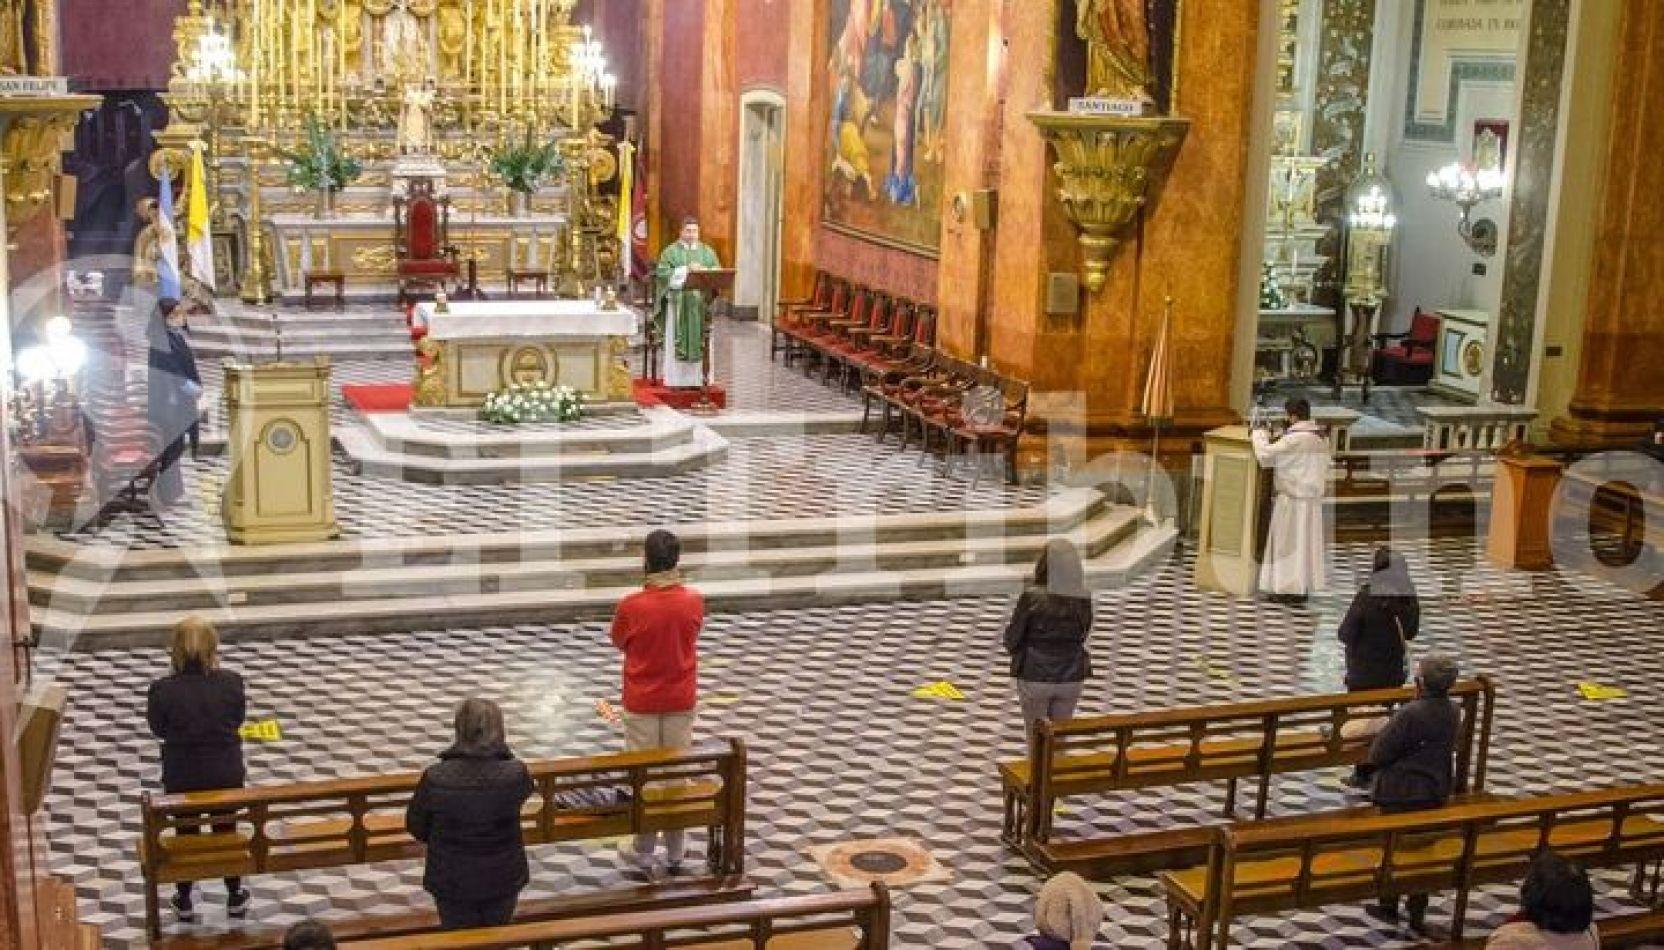 """Iglesias salteñas: Los fieles comienzan a acostumbrarse a la """"nueva normalidad"""""""